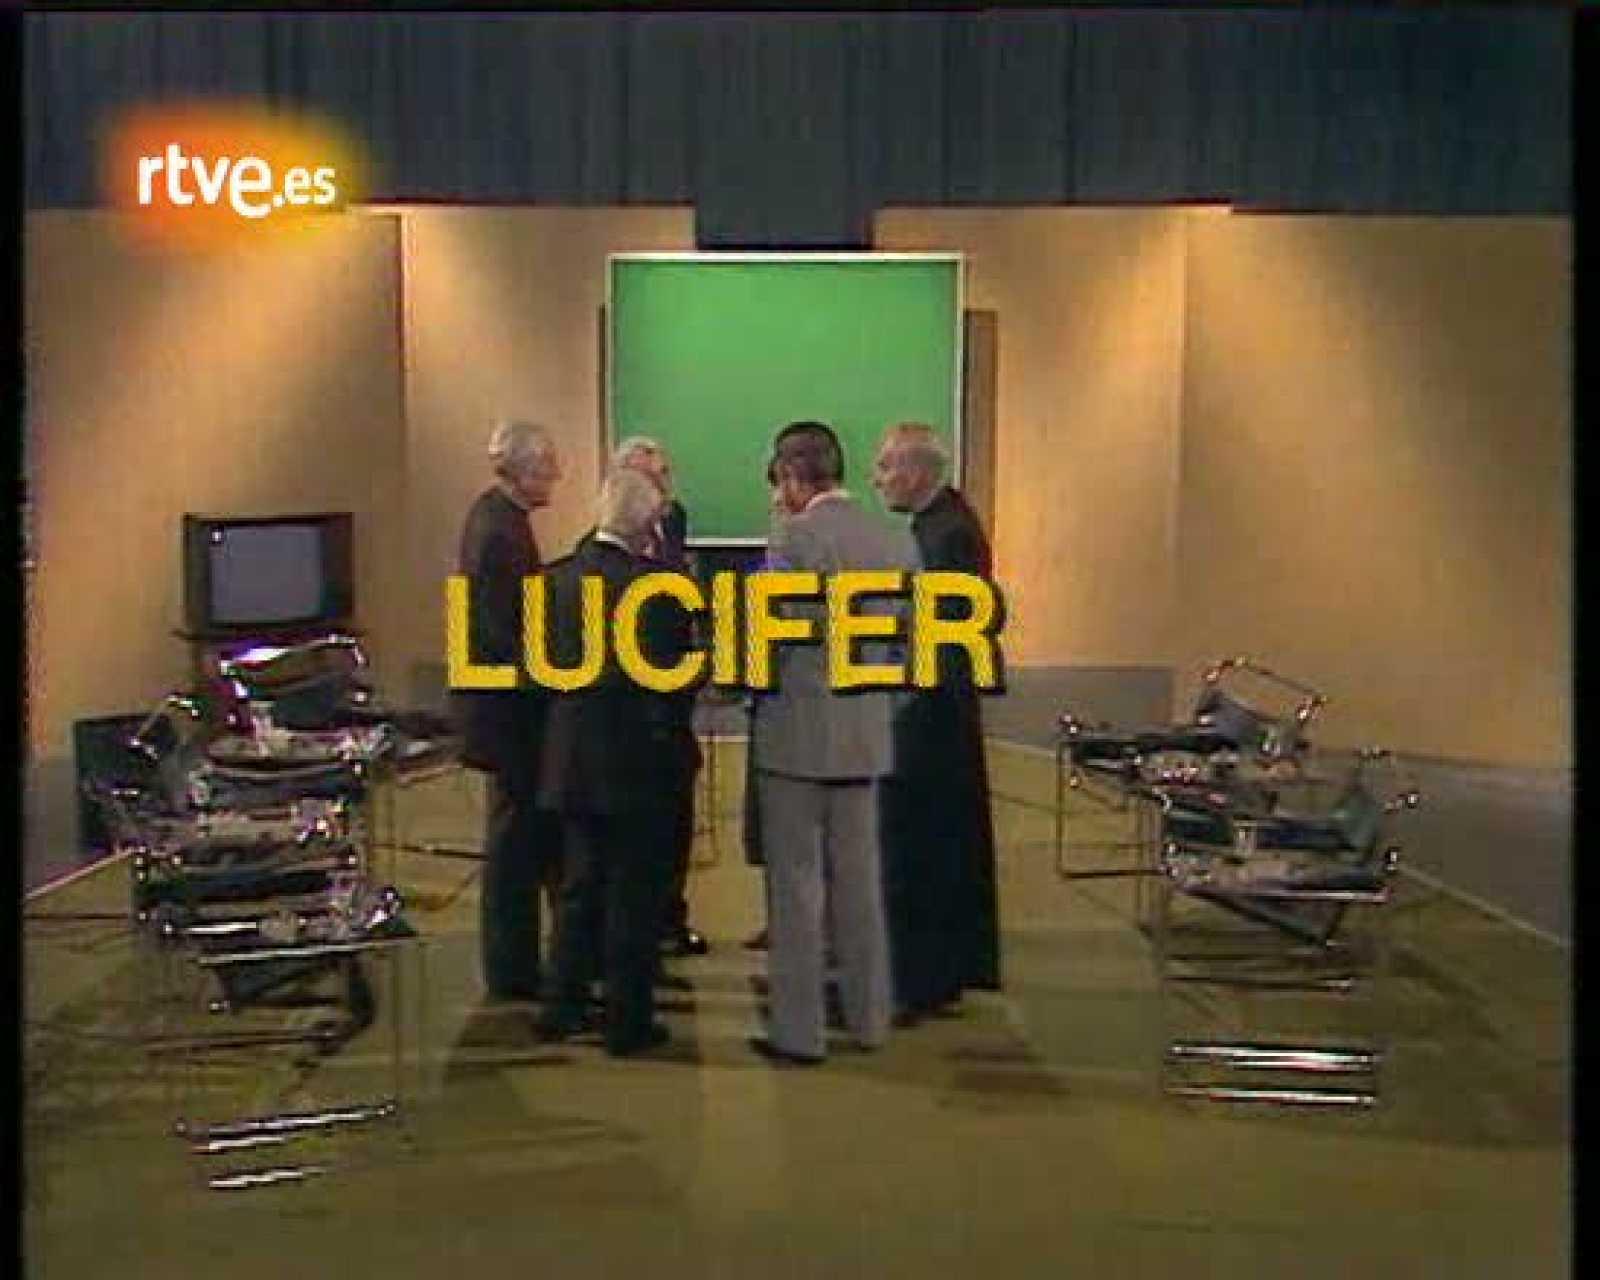 La clave: Lucifer (parte 1)